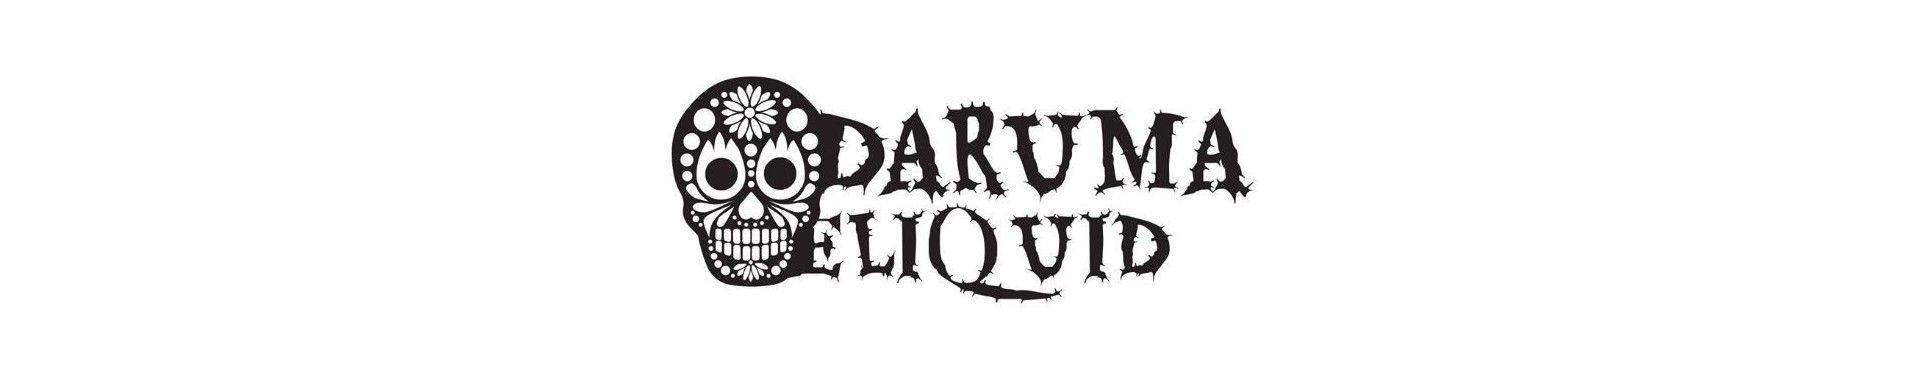 Daruma (Aroma)